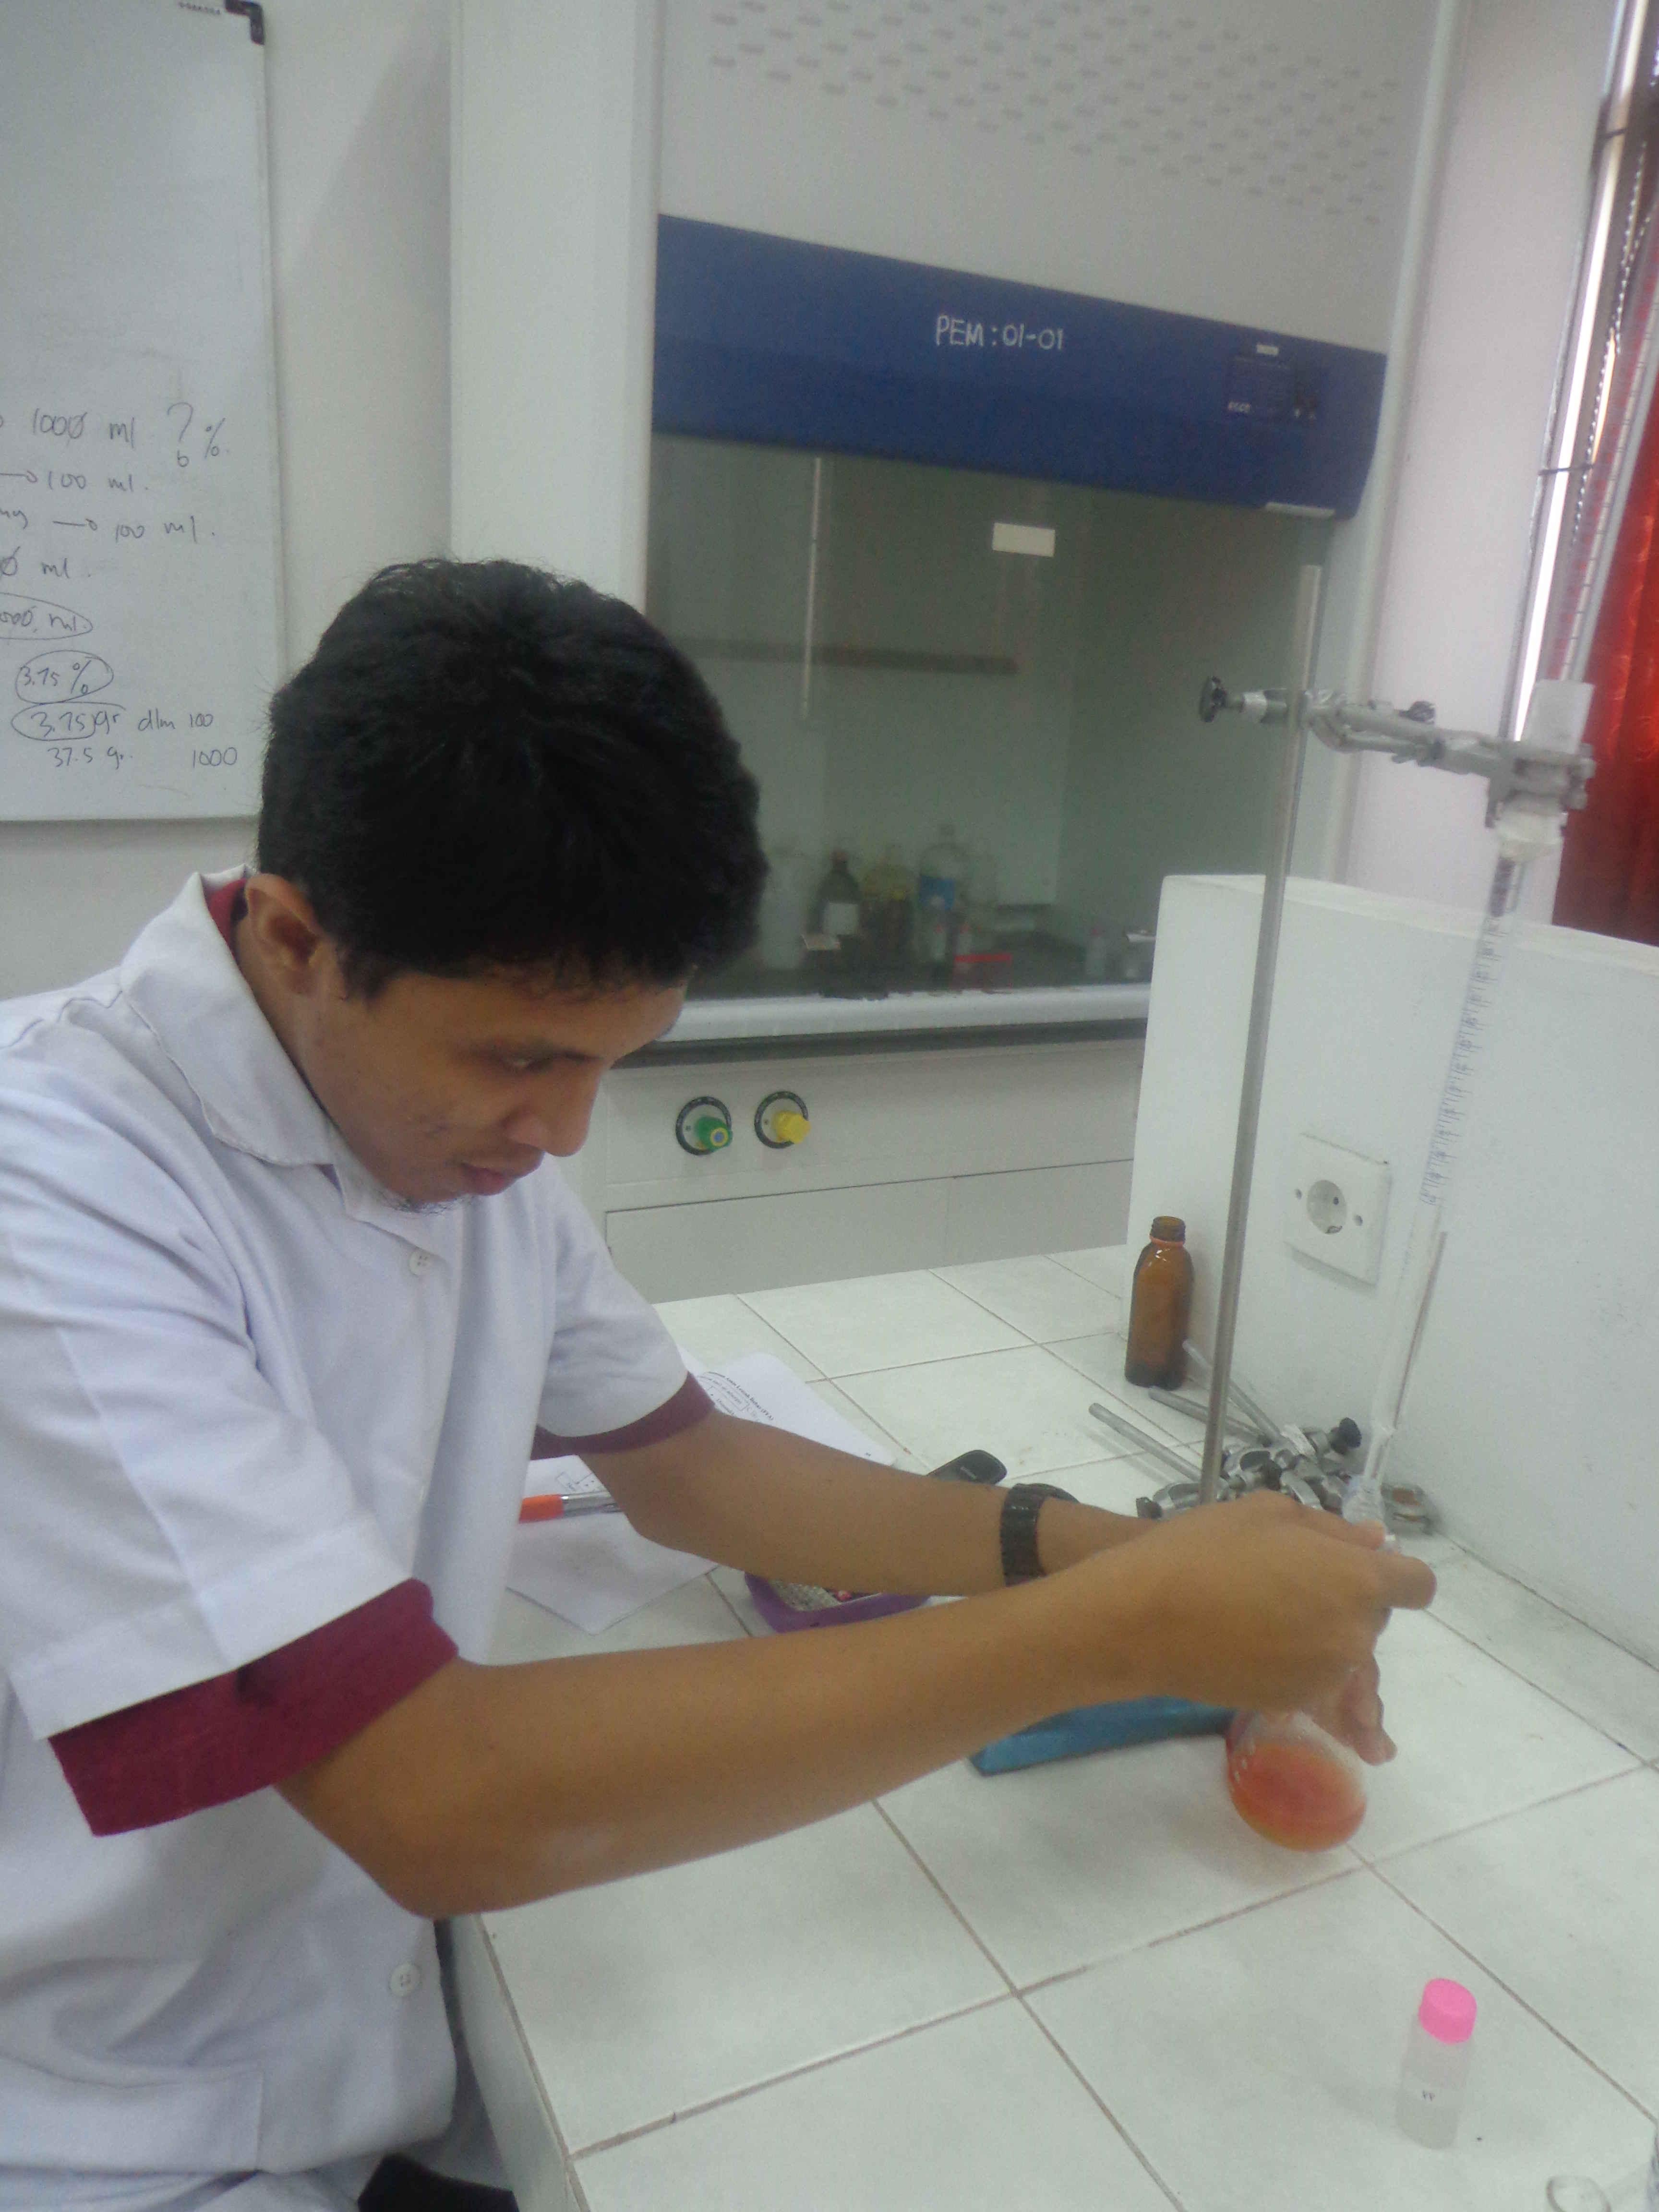 Adhitya saat penelitian tugas akhir di laboratorium PEM Fapertapet UIN Suska Riau